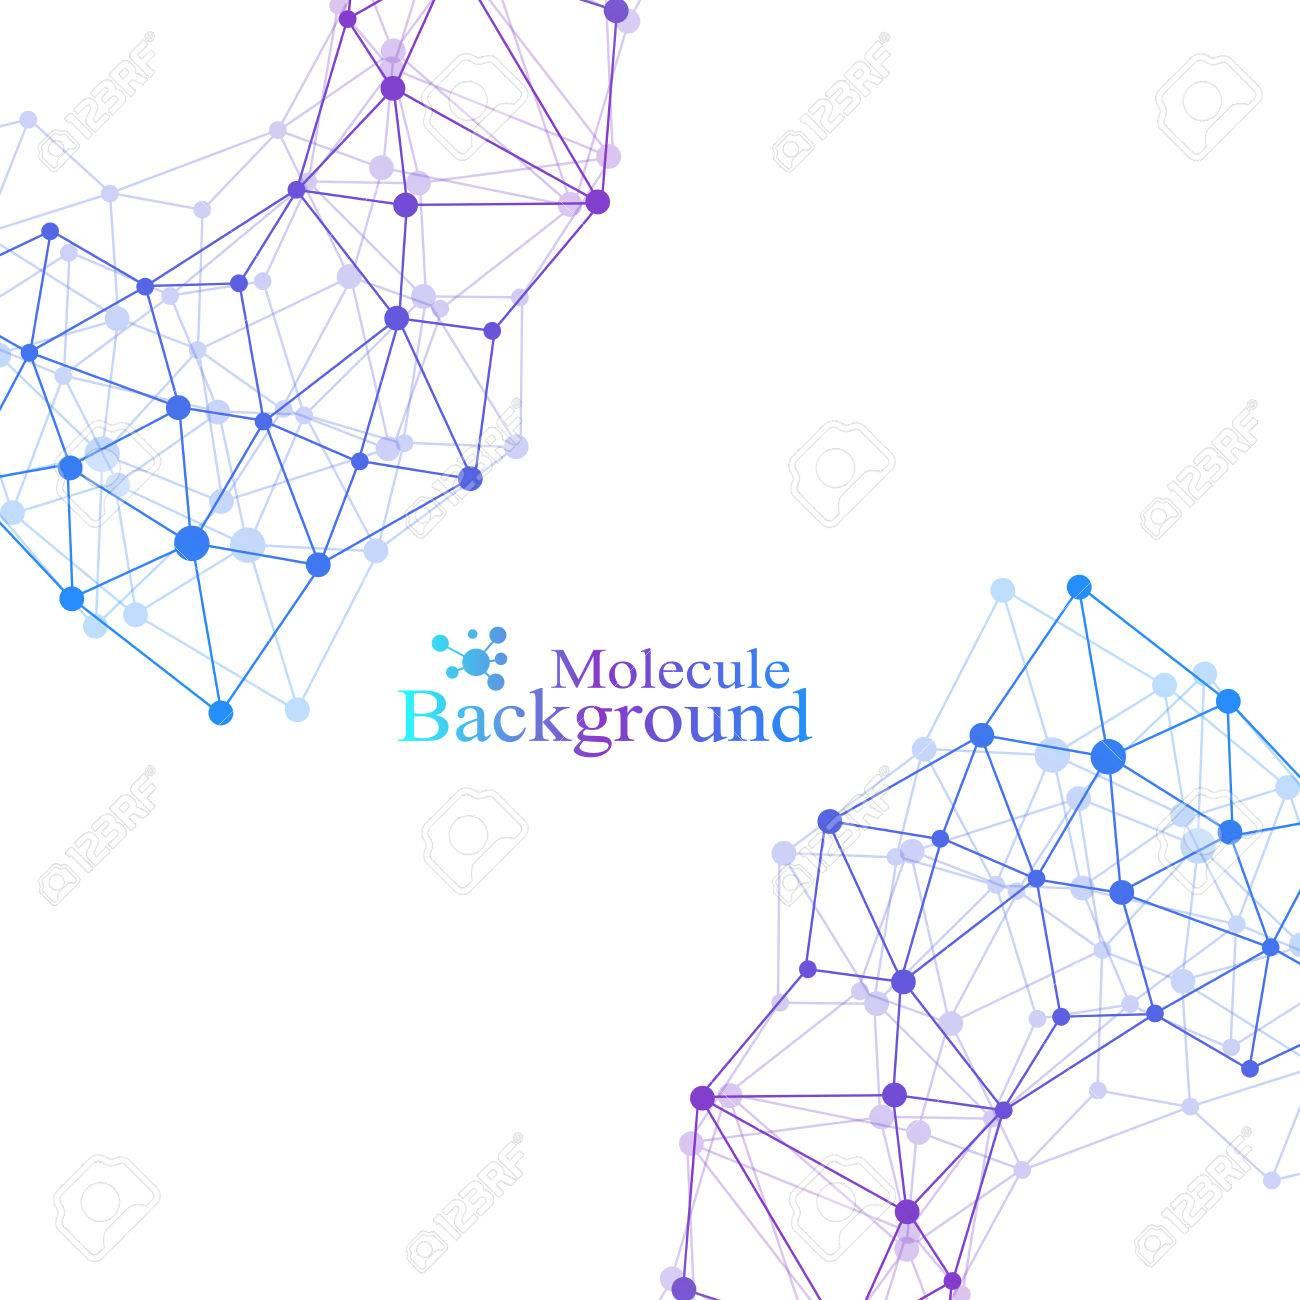 Estructura Moderna Molécula De Adn átomo Fondo De Molécula Y Comunicación Para Medicina Ciencia Tecnología Química Telón De Fondo Científico